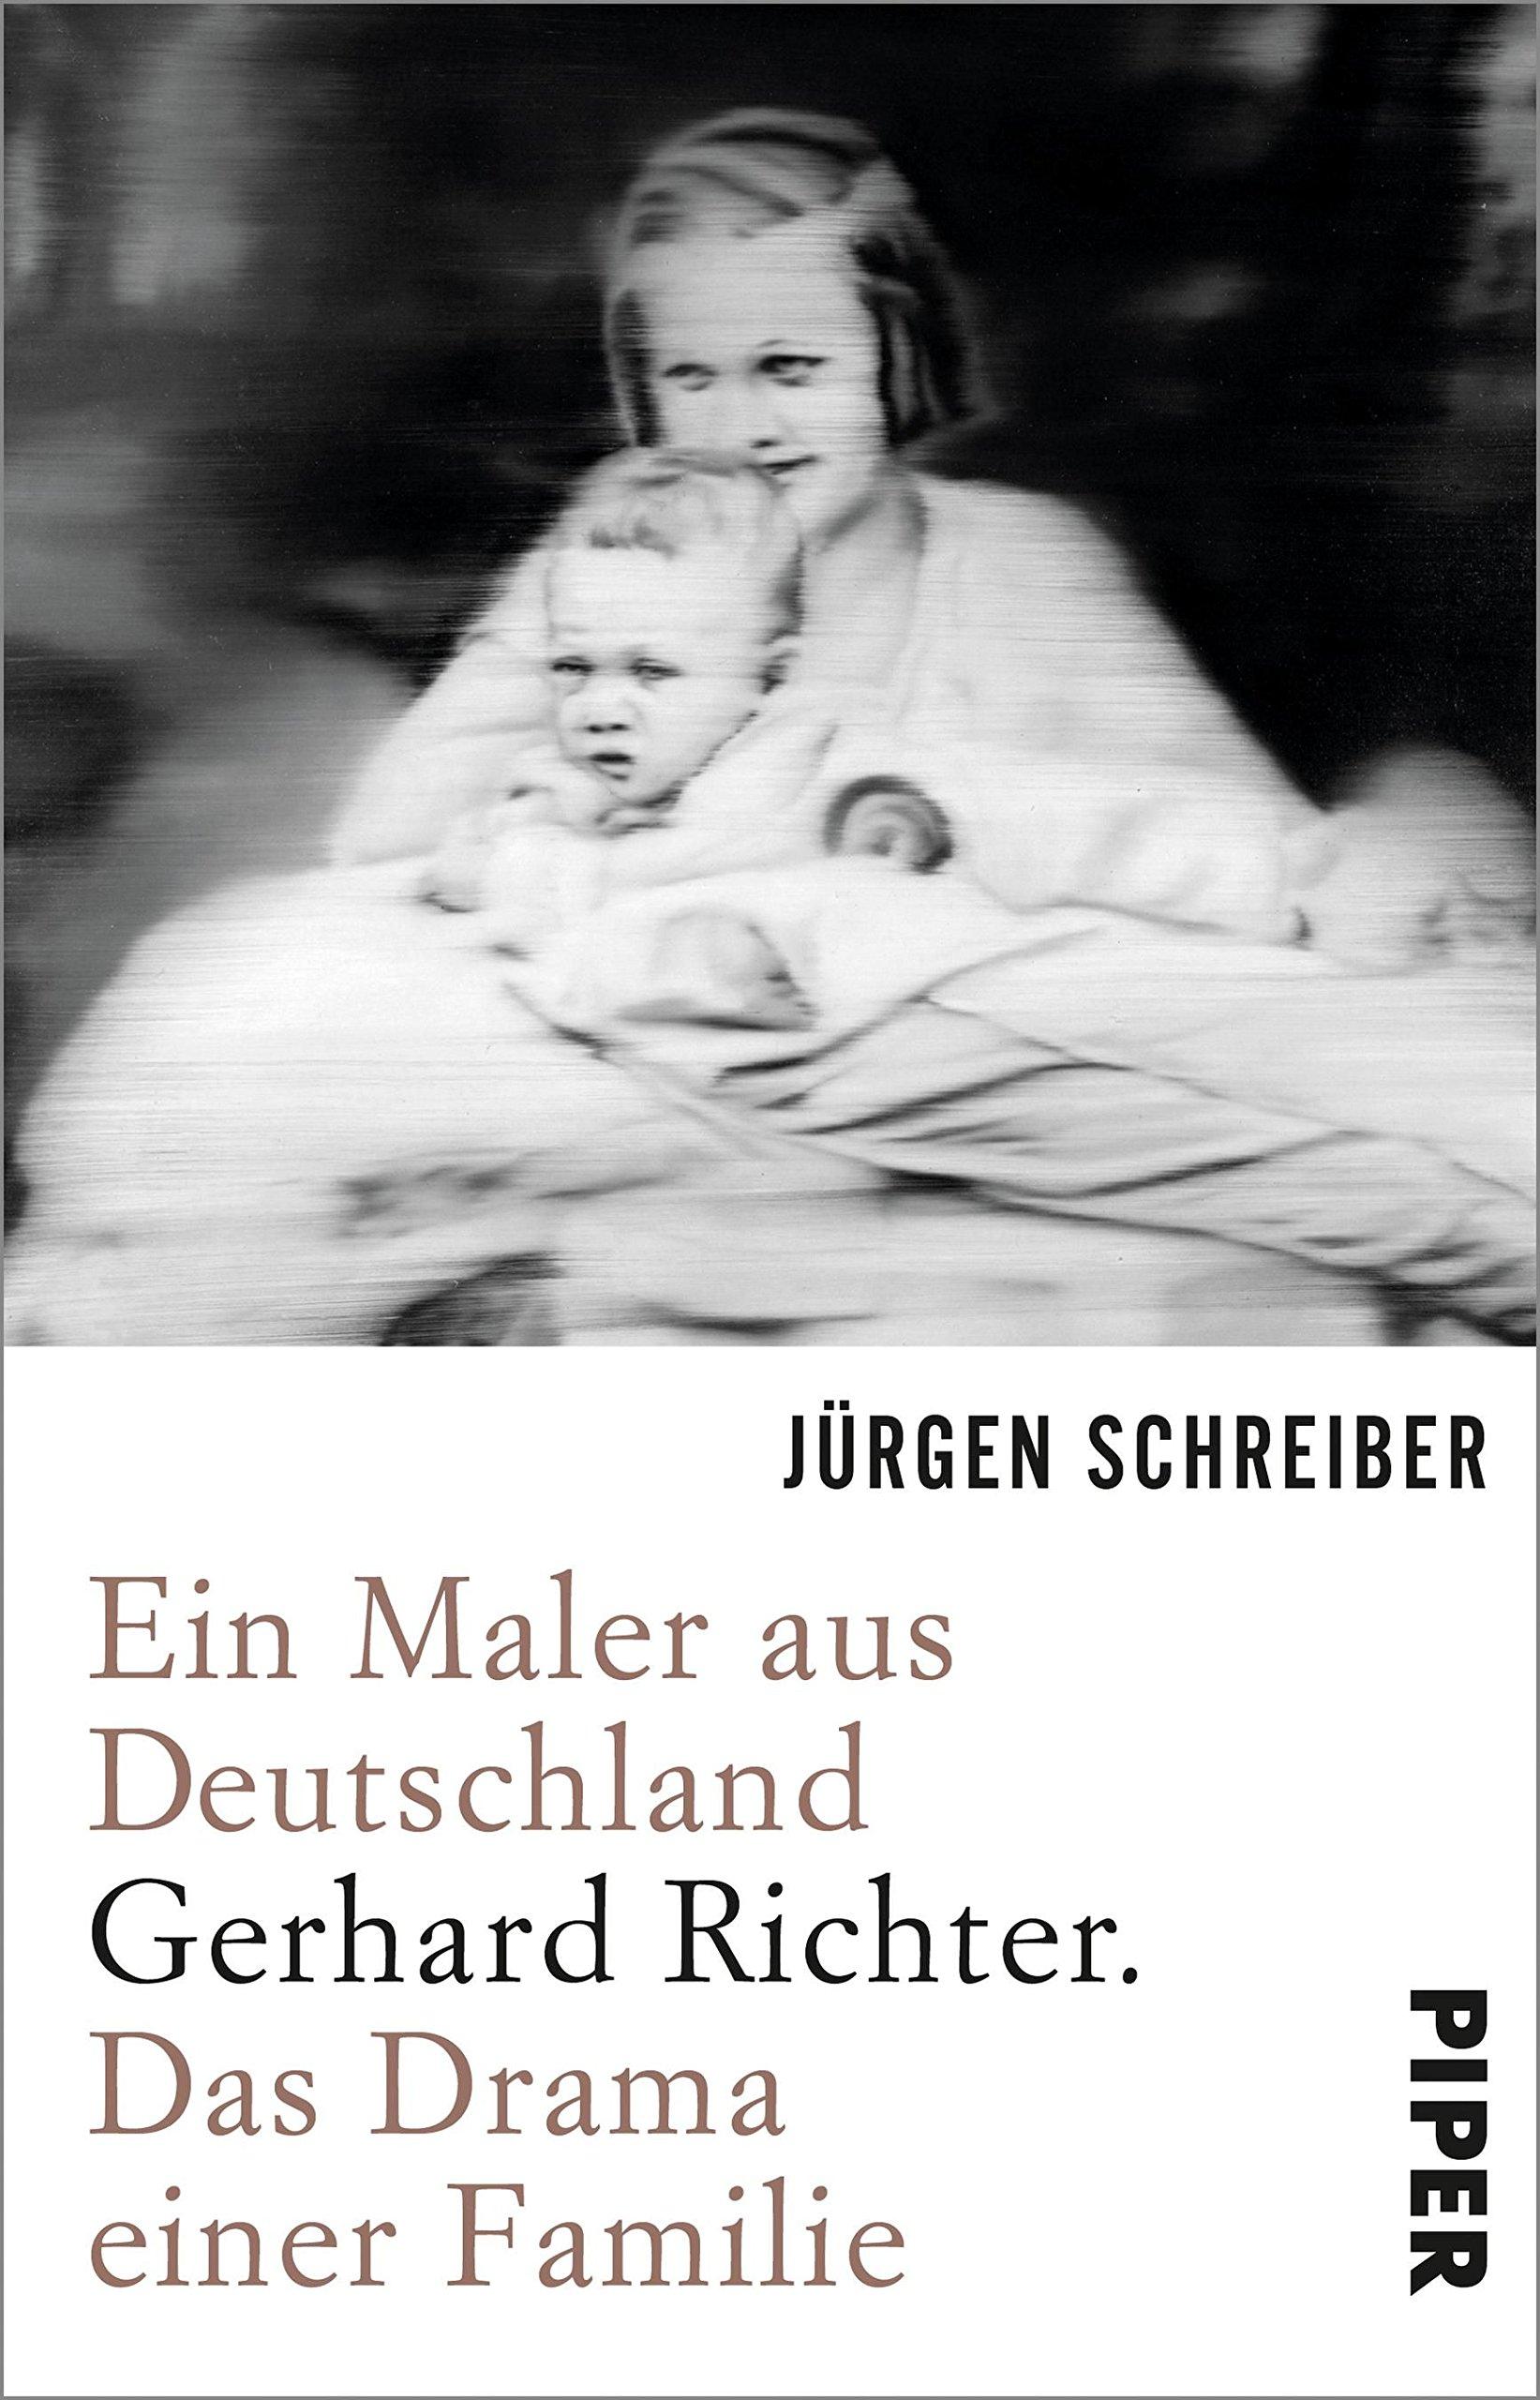 Ein Maler aus Deutschland: Gerhard Richter. Das Drama einer Familie Taschenbuch – 2. Oktober 2017 Jürgen Schreiber Piper Taschenbuch 3492312128 Belletristik / Biographien